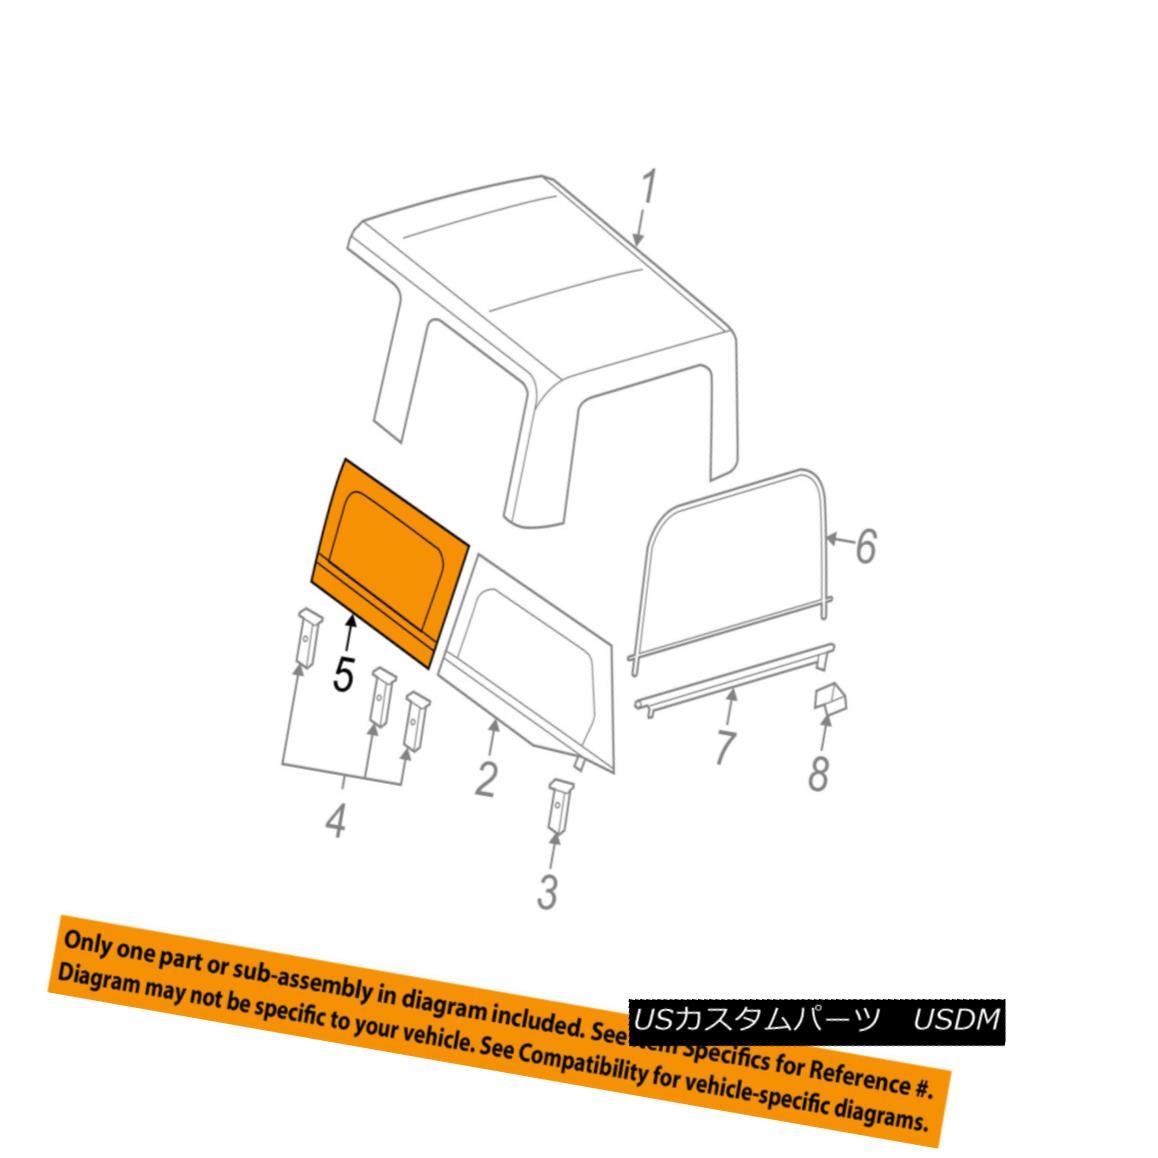 幌・ソフトトップ Jeep CHRYSLER OEM 2007 Wrangler Convertible/soft Top-Side Glass Right 5KD28SX9AA ジープクライスラーOEM 2007ラングラー・コンバーチブル/ so ftトップサイドガラス右5KD28SX9AA